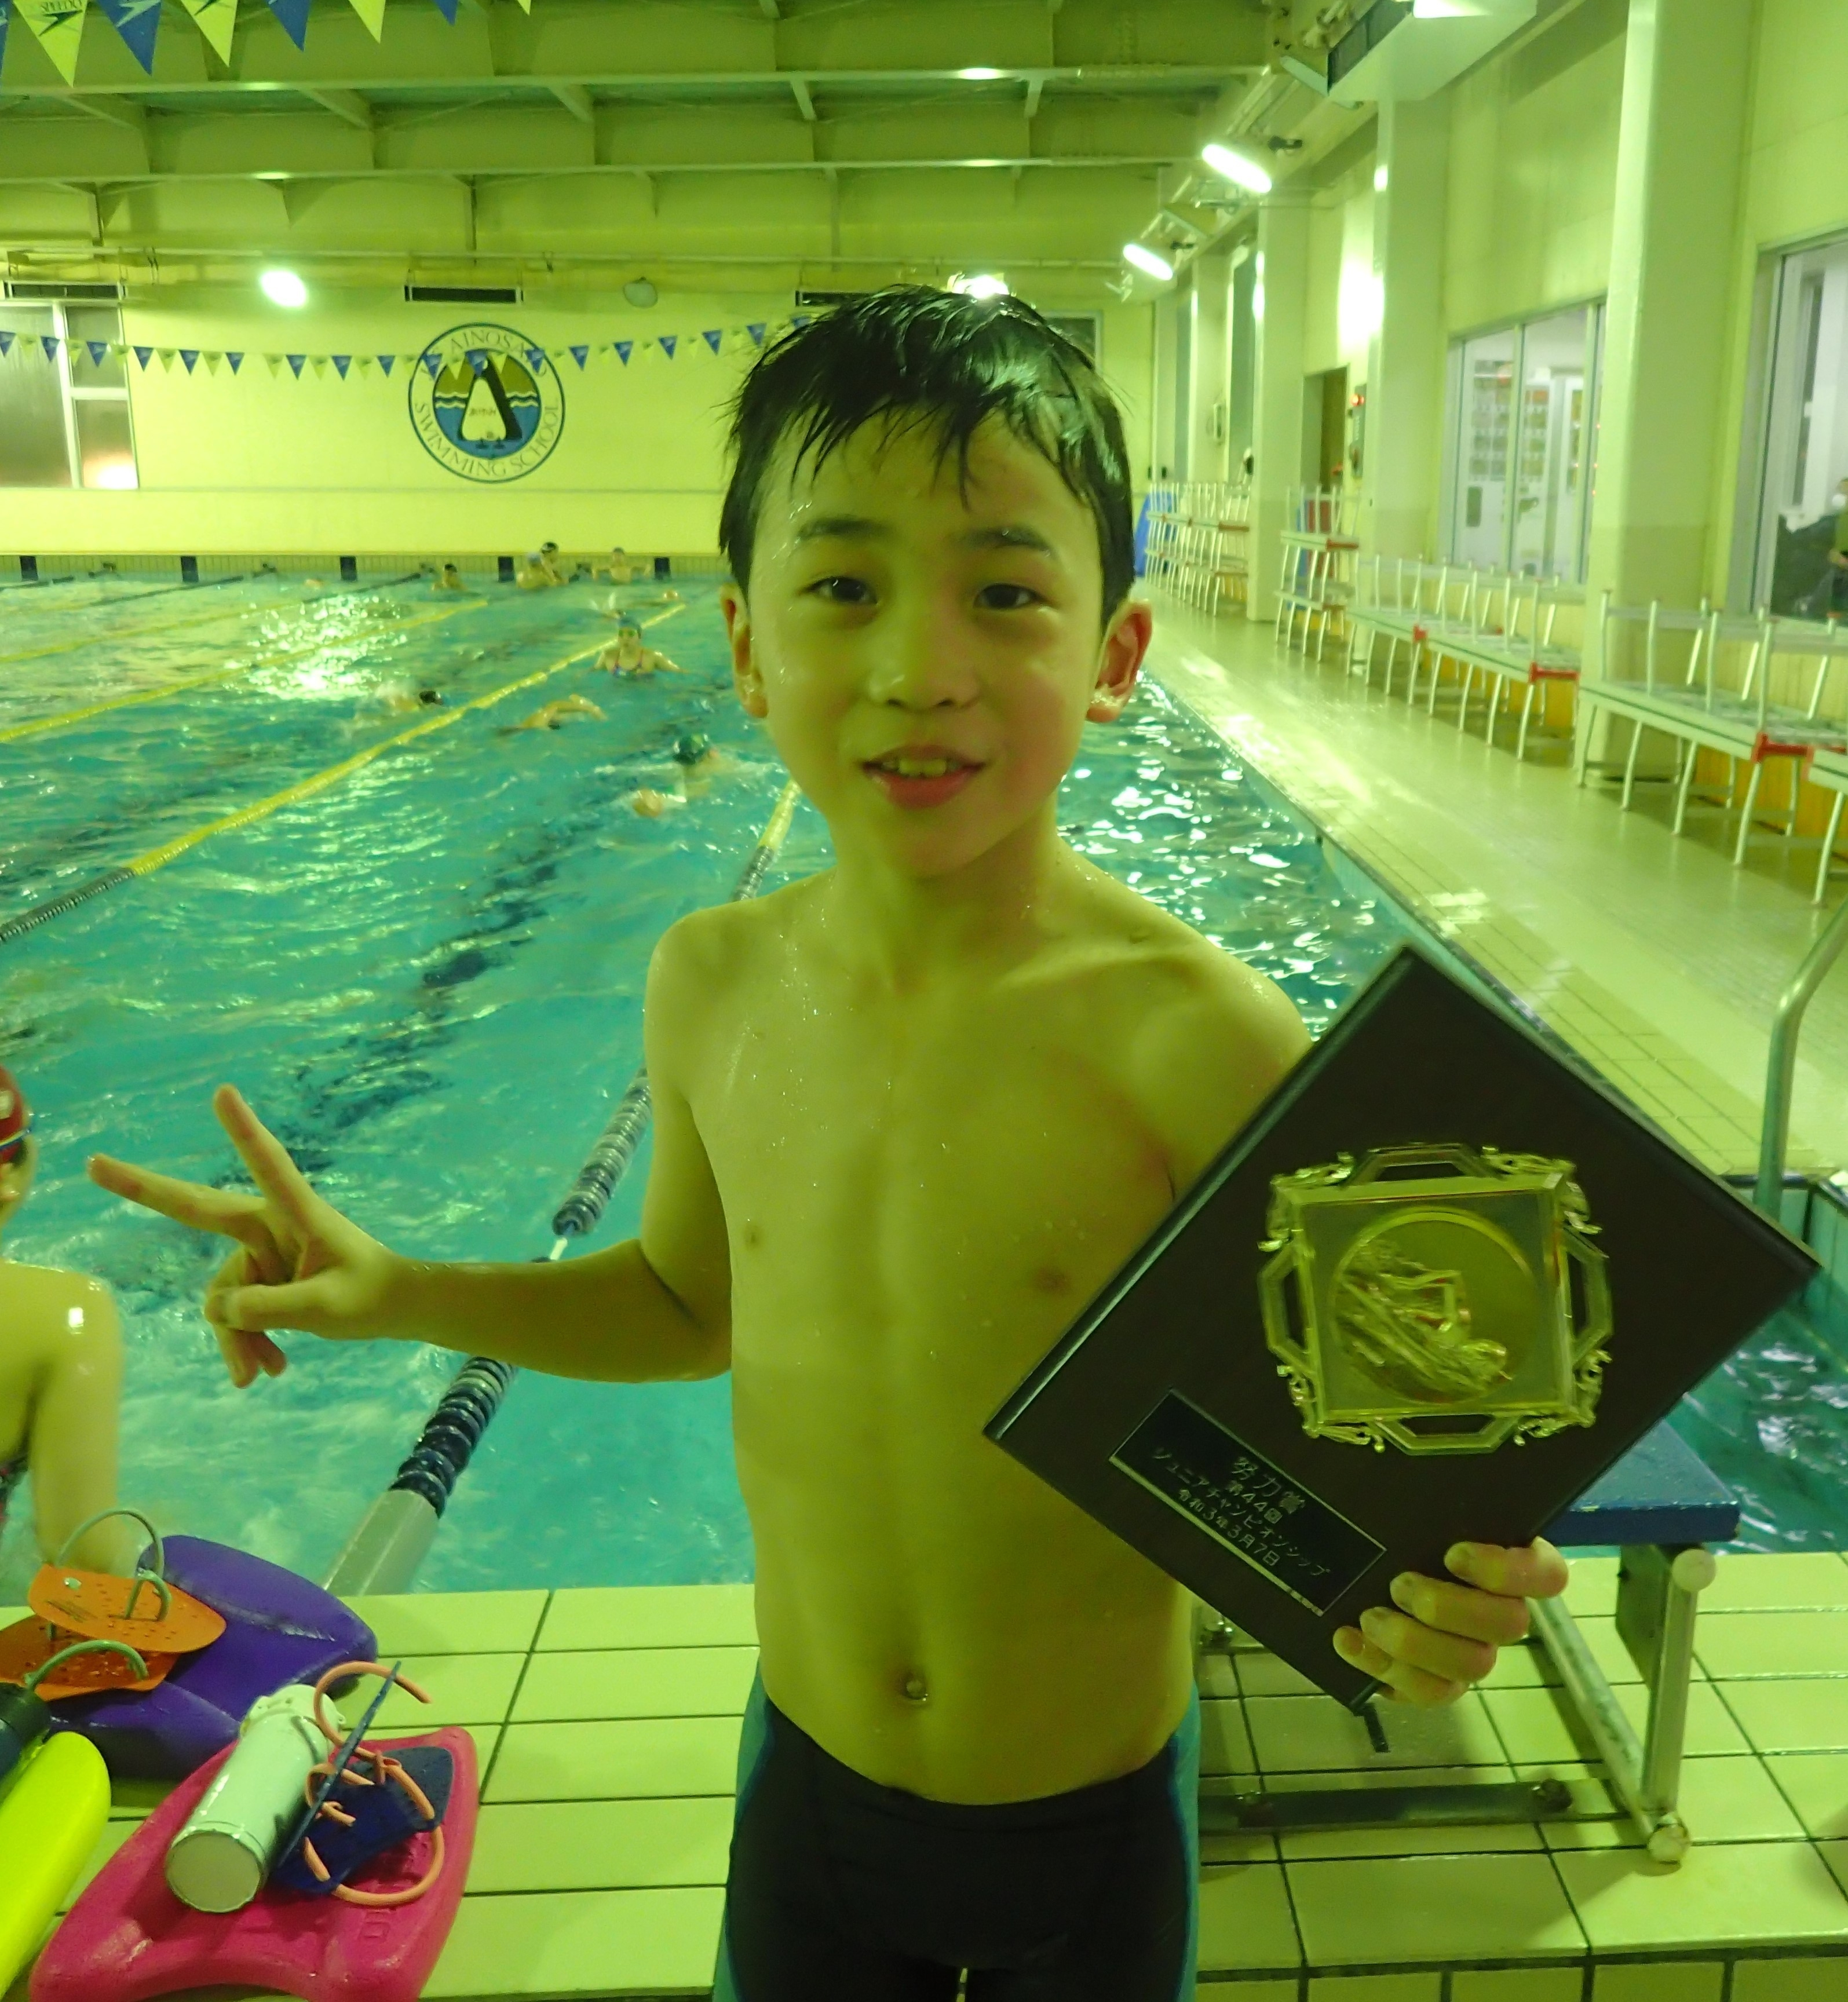 第44回 JSSジュニアチャンピオンシップ水泳競技大会 画像